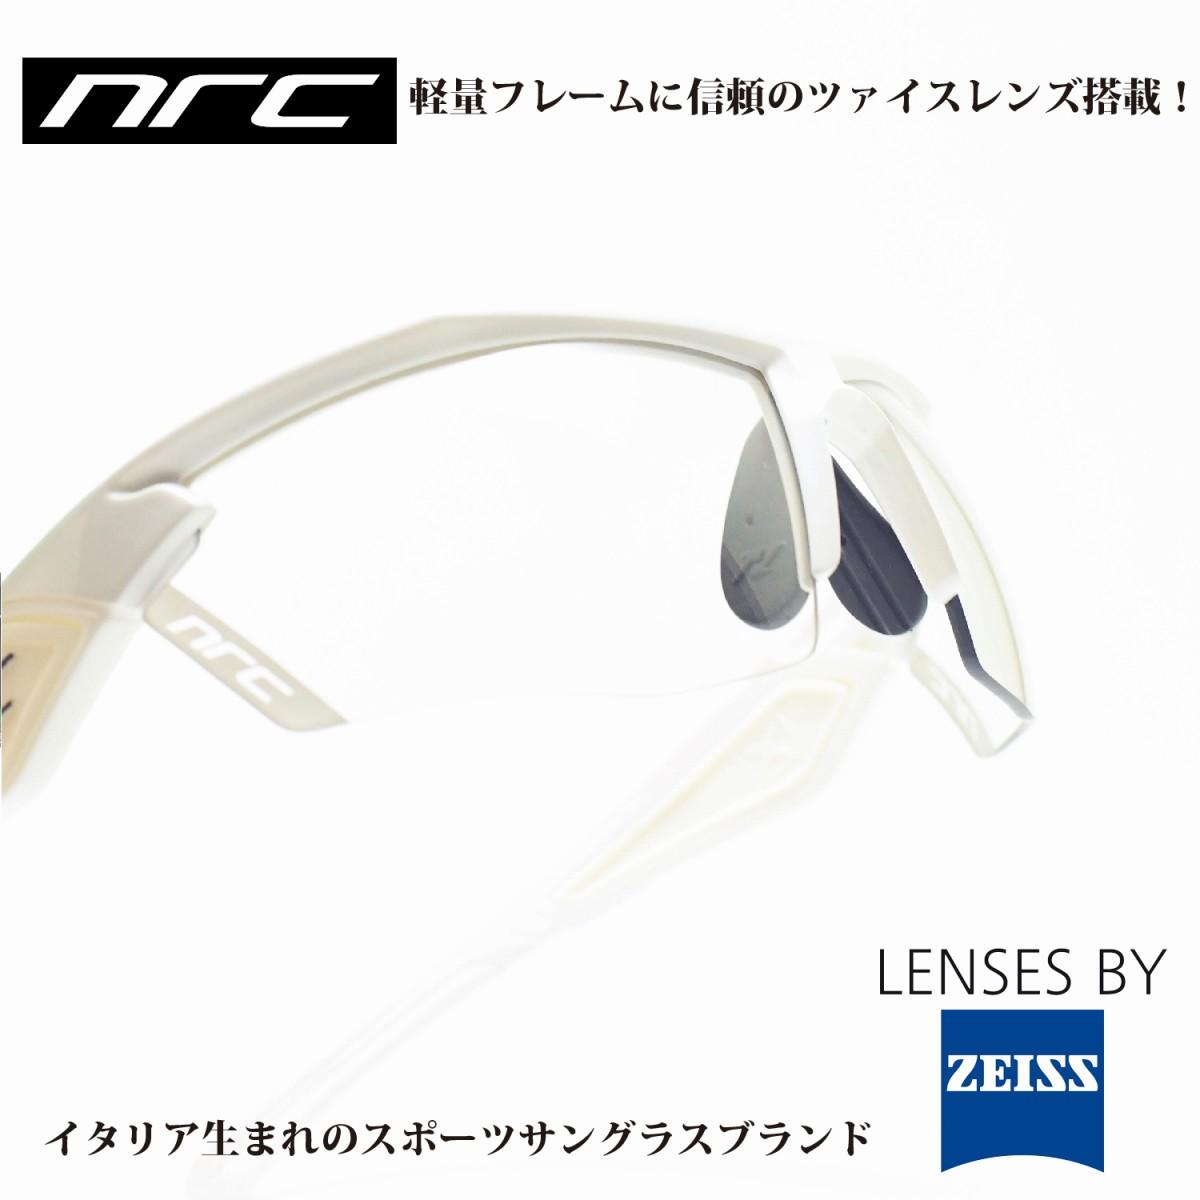 nrc エヌアールシー X5STELVIO/CLEAR GRAY 調光レンズメガネ 眼鏡 めがね メンズ レディース おしゃれ ブランド人気 おすすめ フレーム 流行り 度付き レンズ サングラス